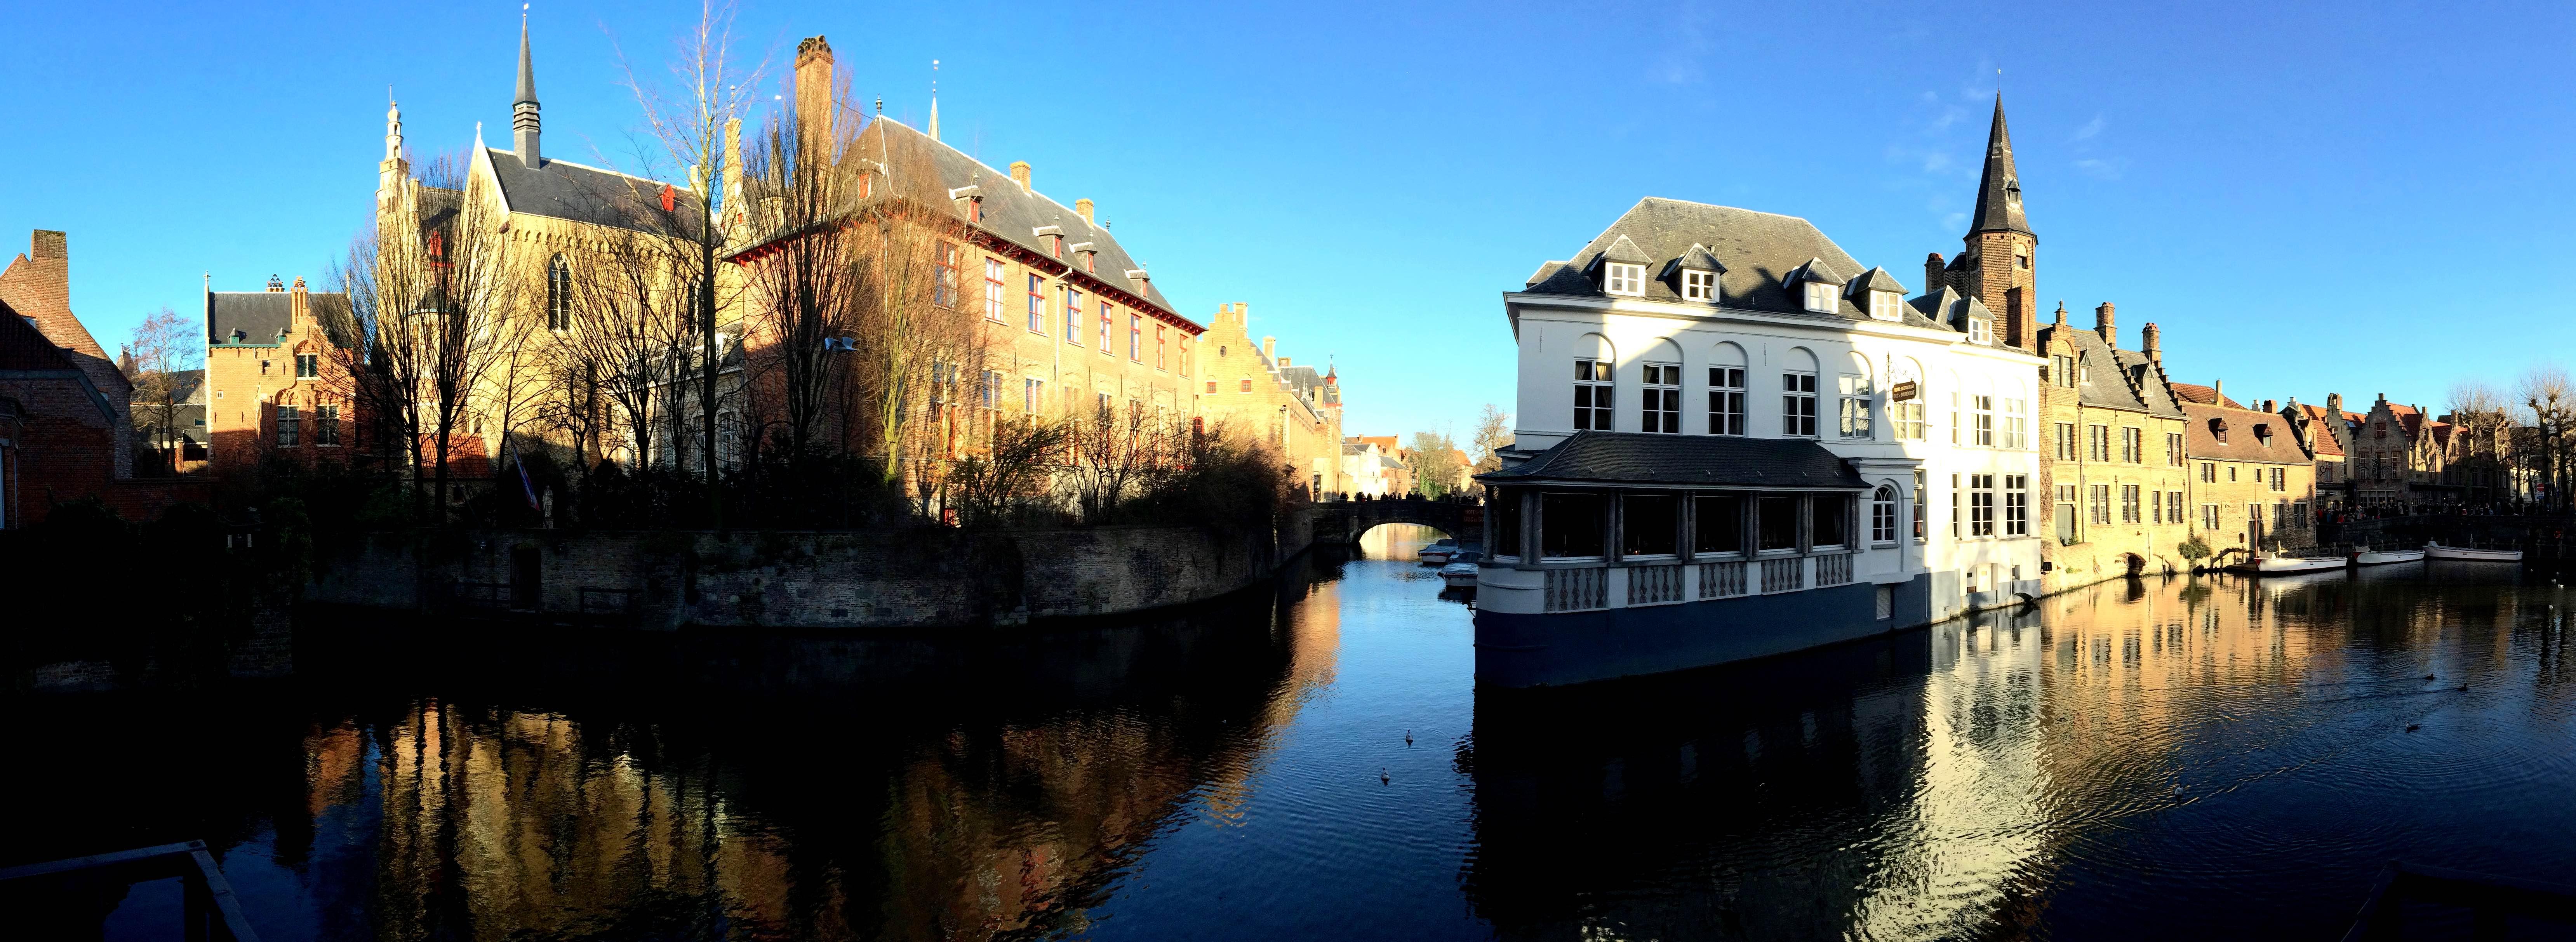 Is Bruges the ultimate medieval town?   www.geekyexplorer.com